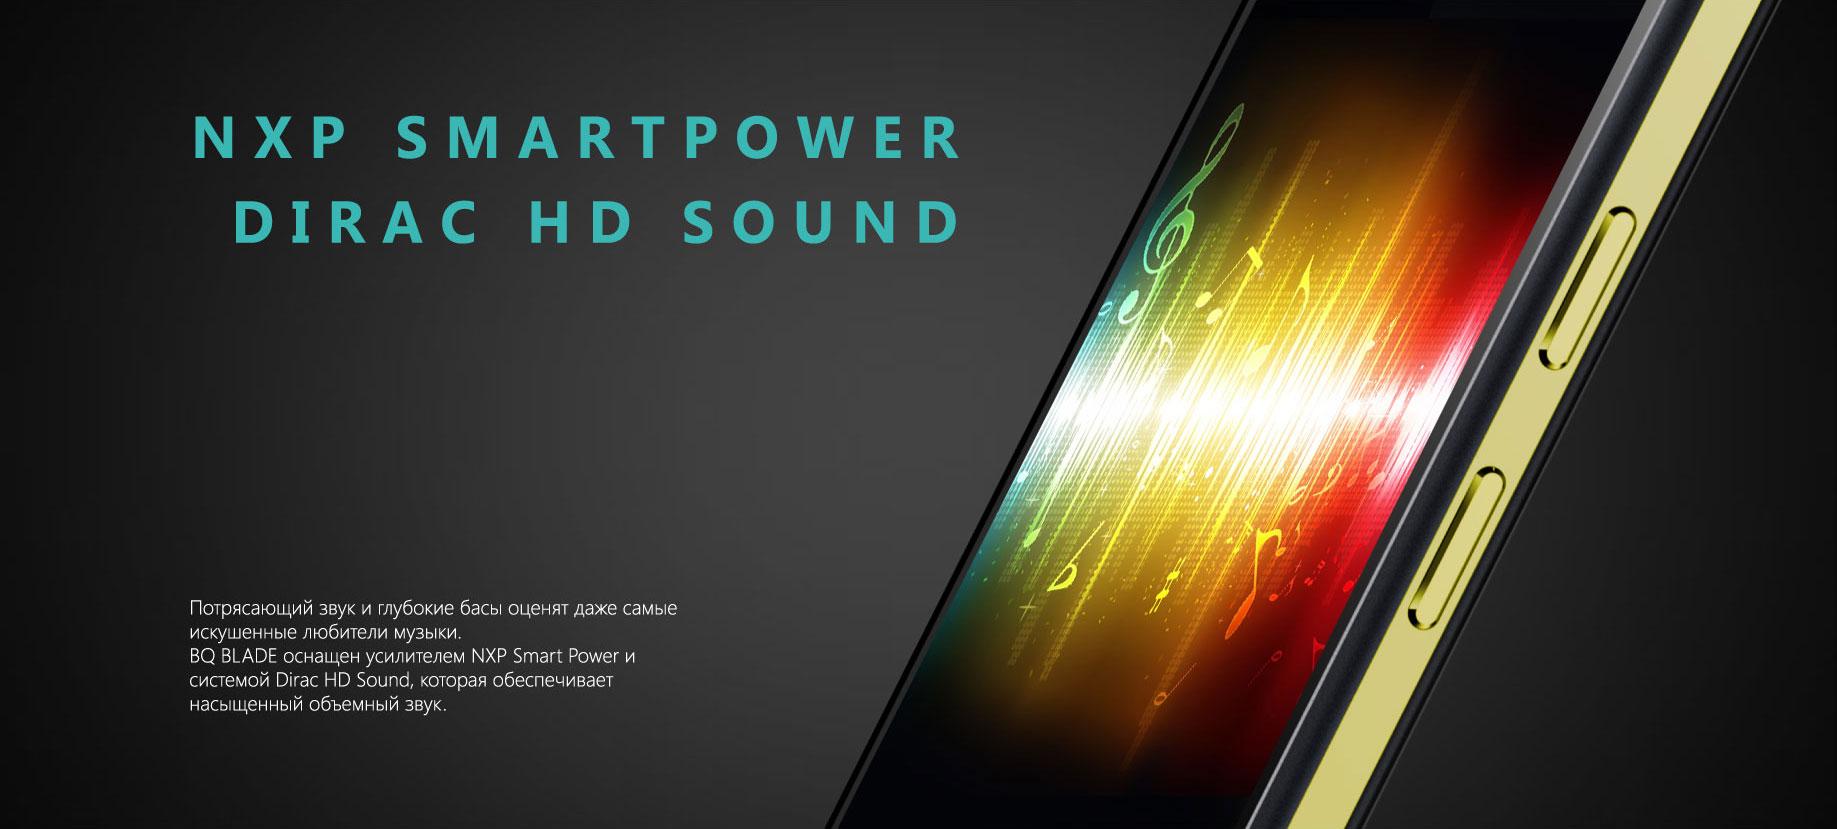 Потрясающий звук и глубокие басы оценят даже самые искушенные любители музыки. BQ BLADE оснащен усилителем NXP Smart Power и системой Dirac HD Sound, которая обеспечивает насыщенный объемный звук.